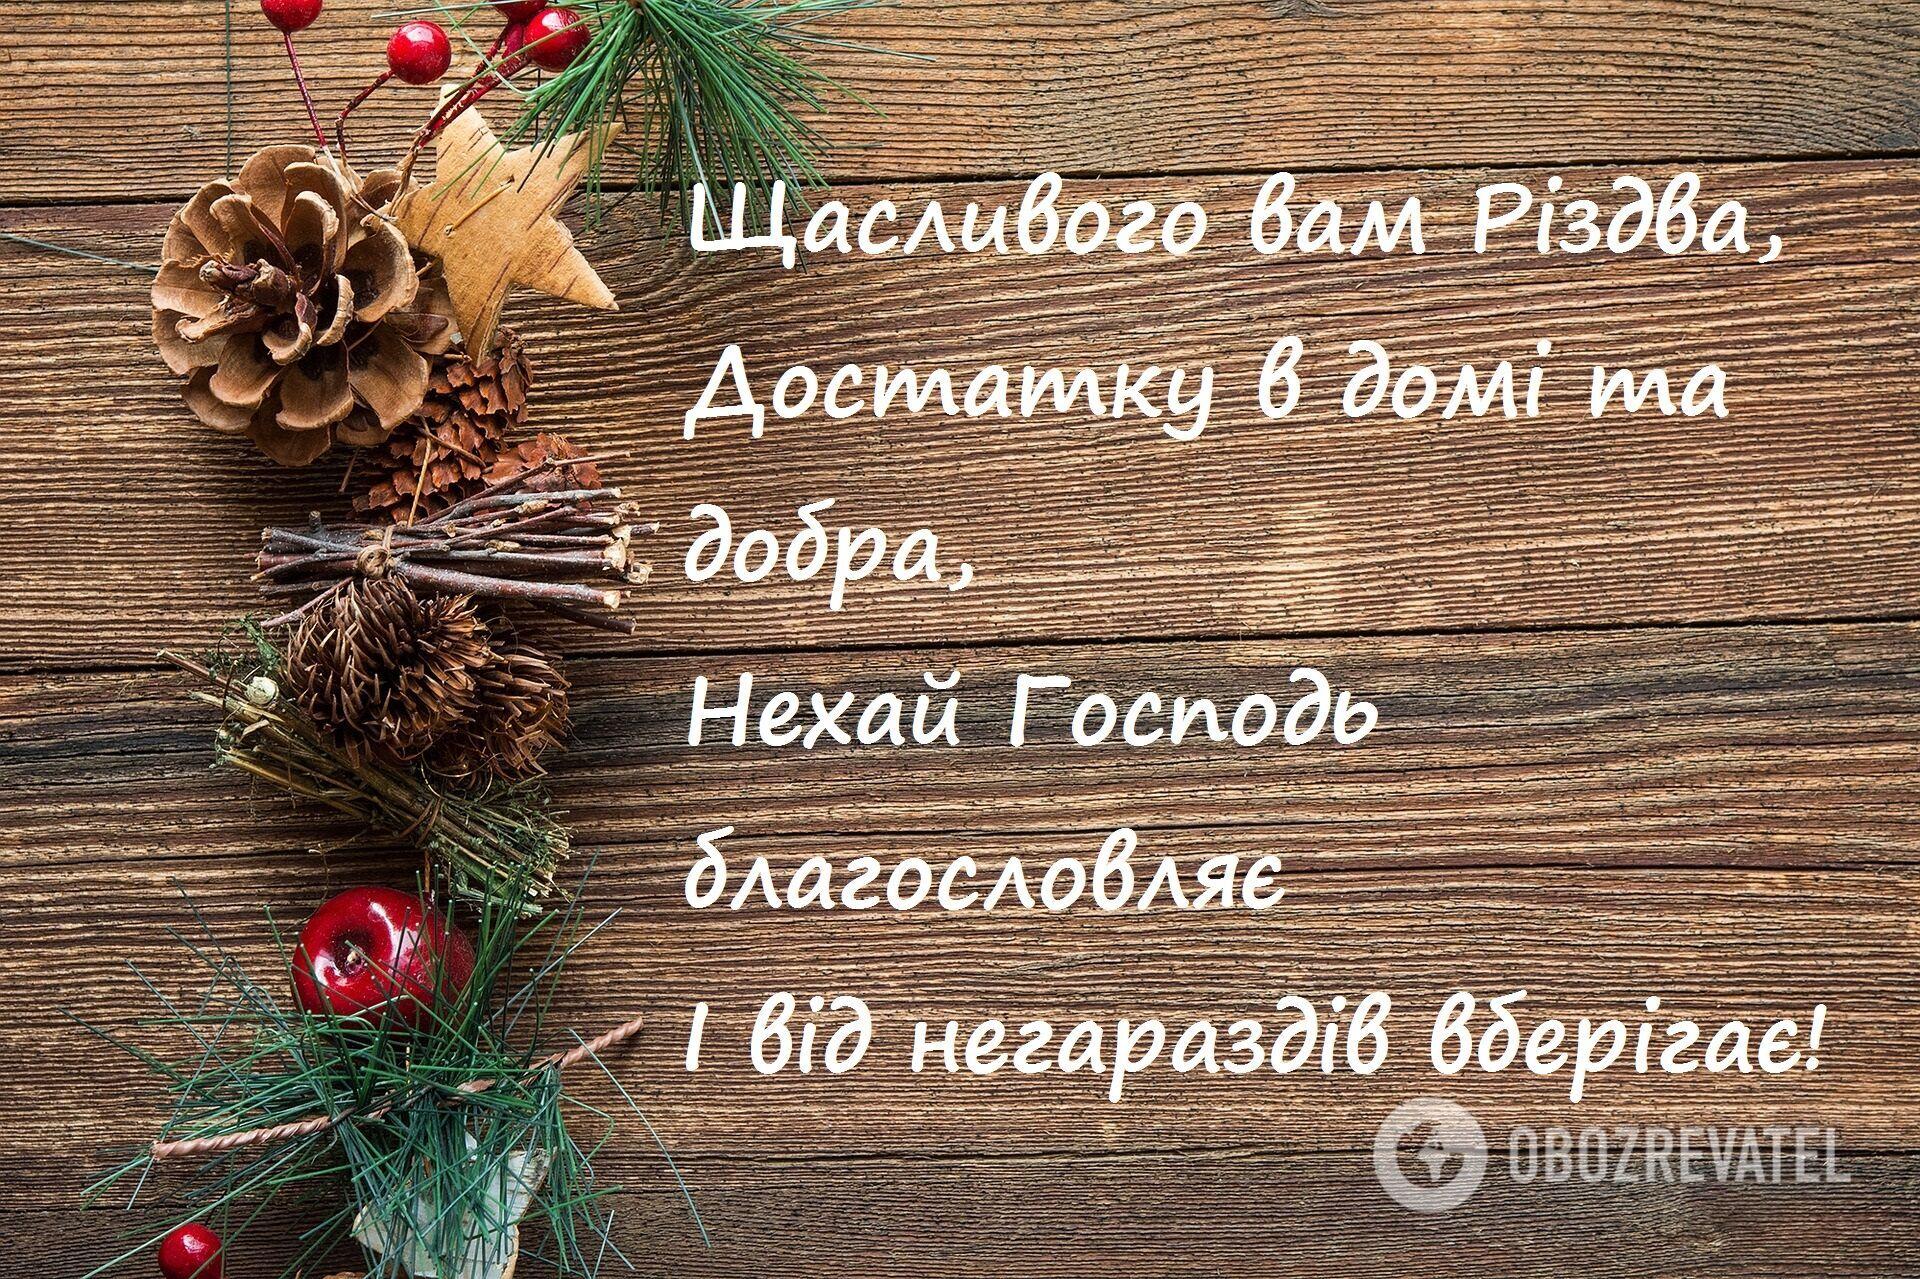 Пожелания в Рождество